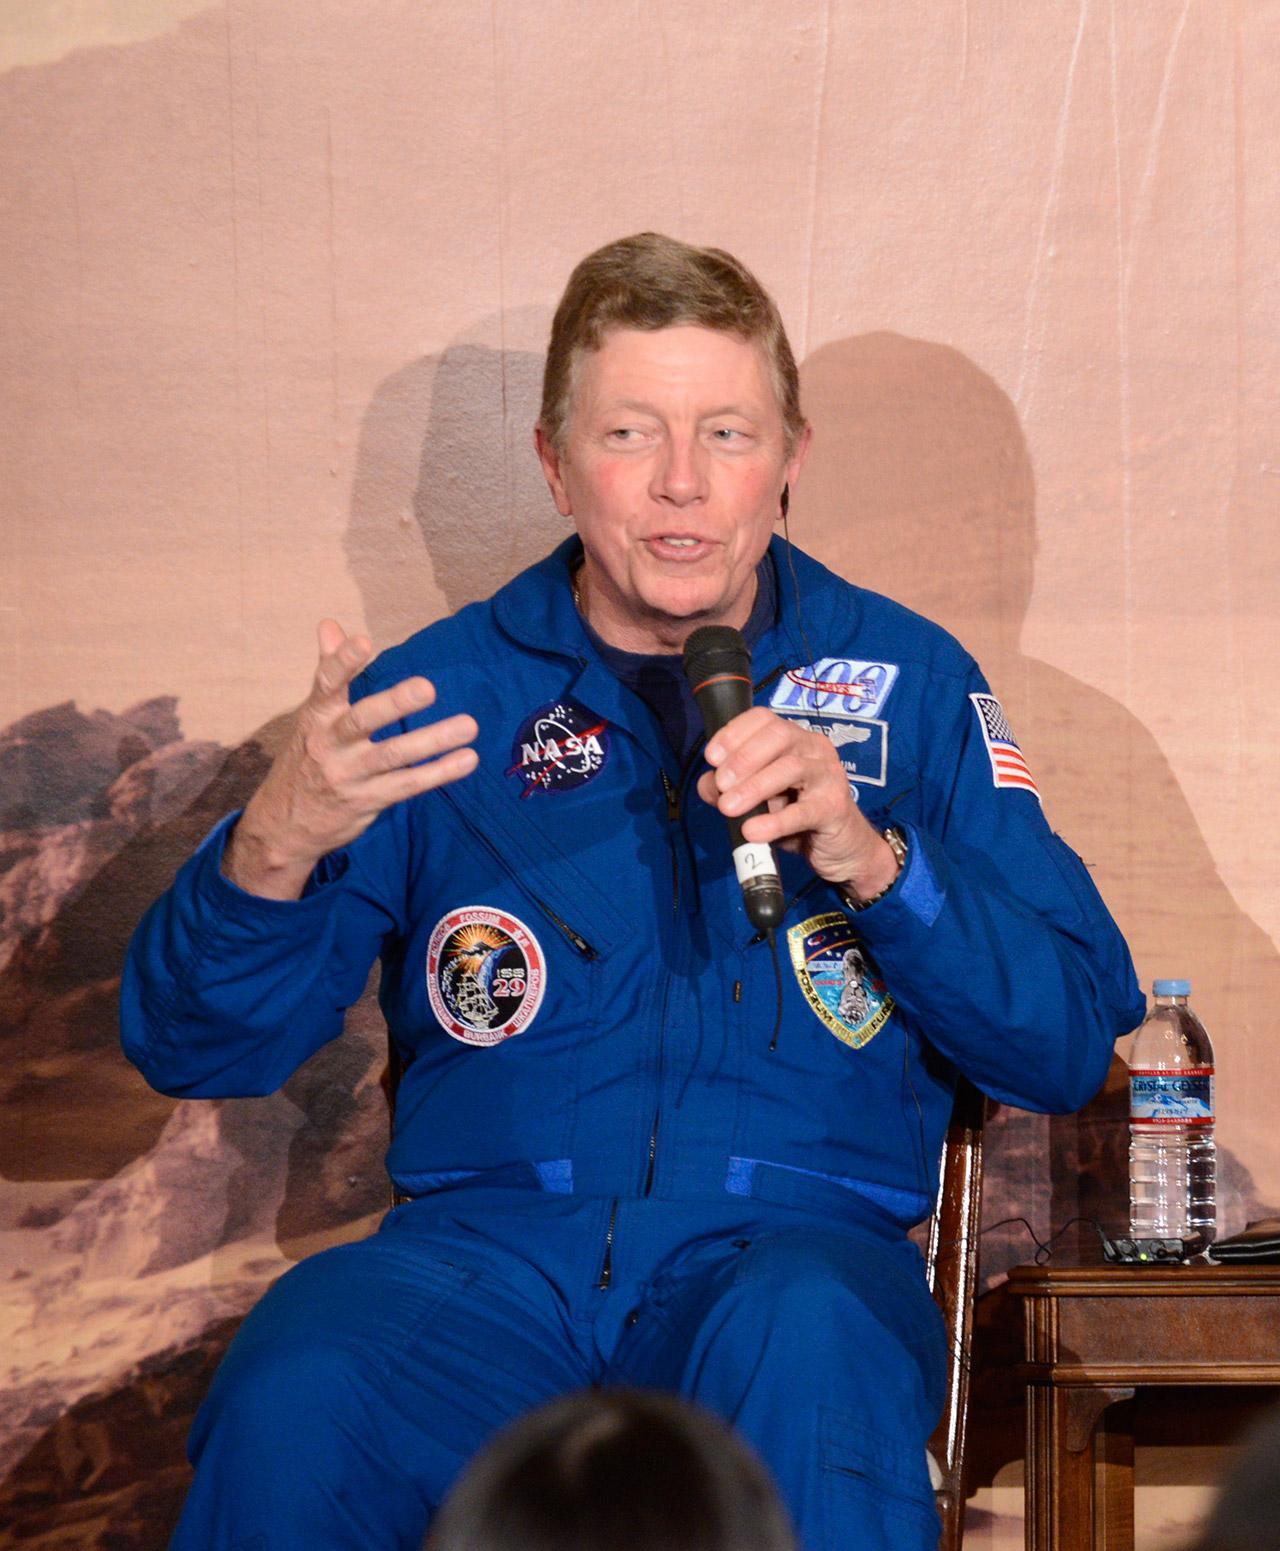 国際的な宇宙開発の重要性について語るNASAフォッサム宇宙飛行士